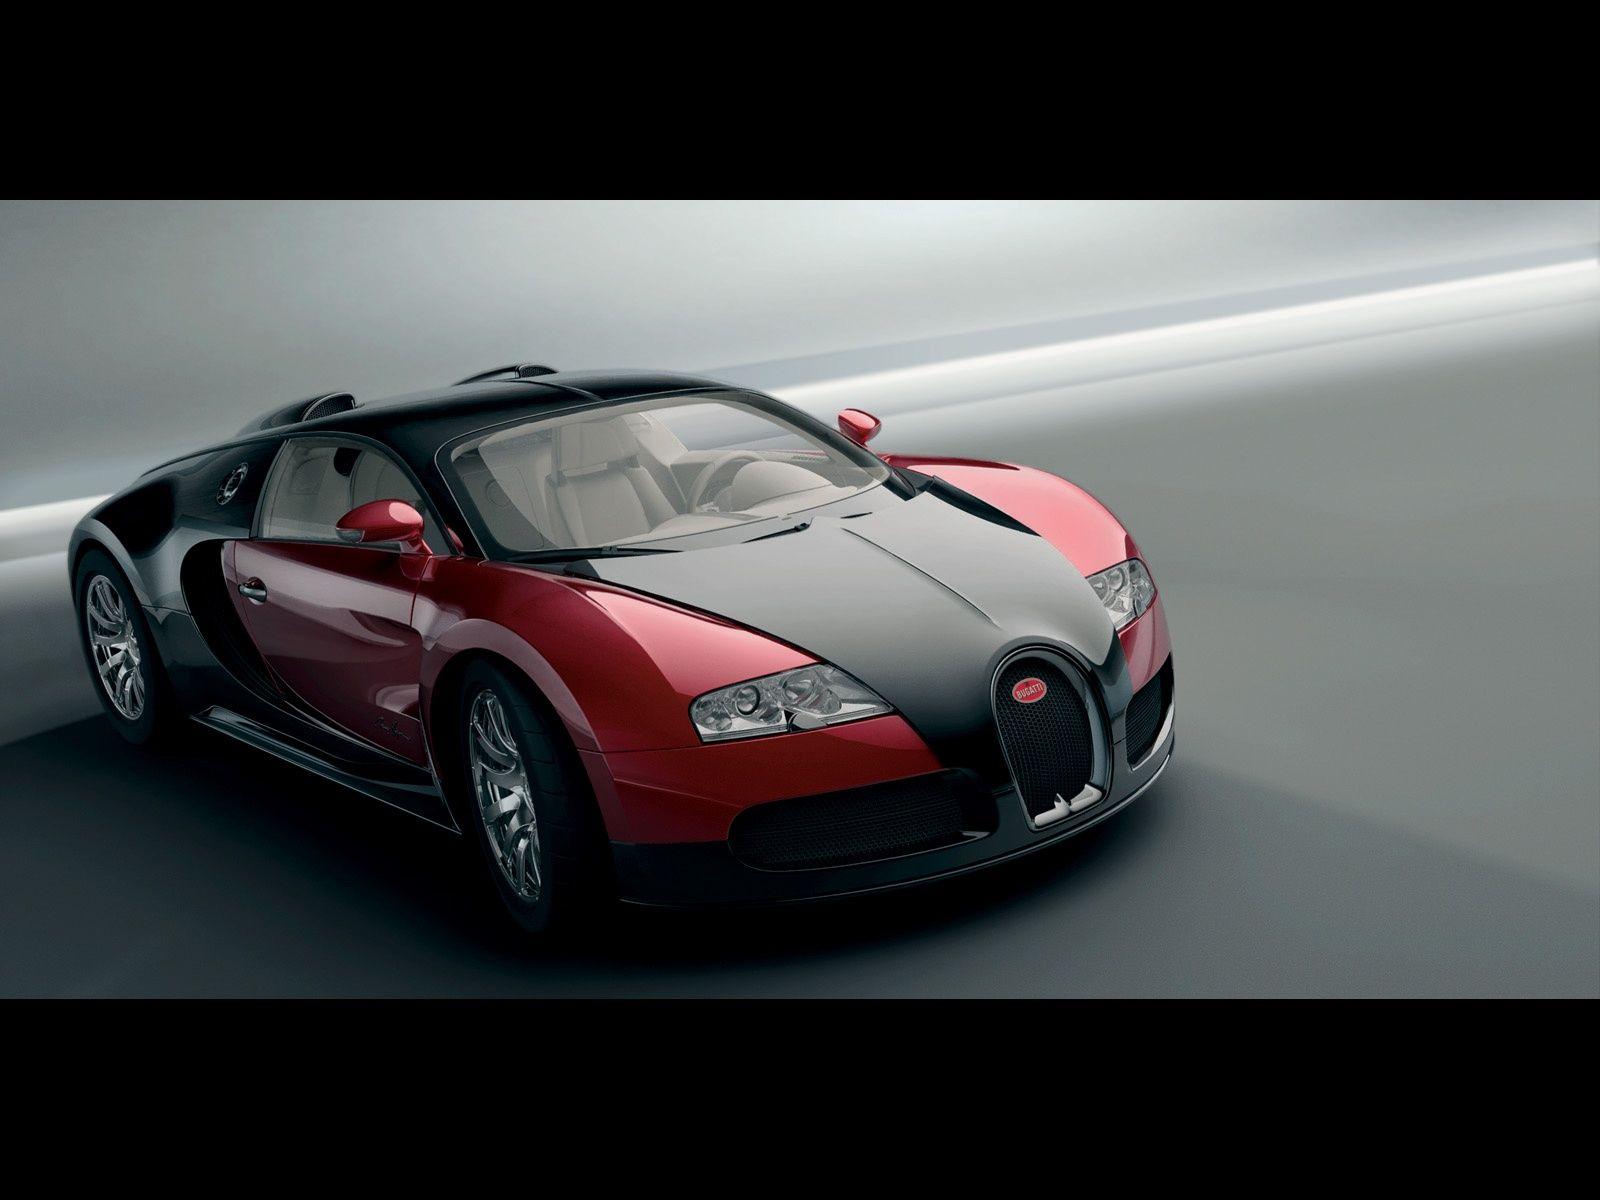 559c14d8b3fc1b0cff4df9a7f9920a80 Astounding Bugatti Veyron Grand Sport Vitesse Geschwindigkeit Cars Trend